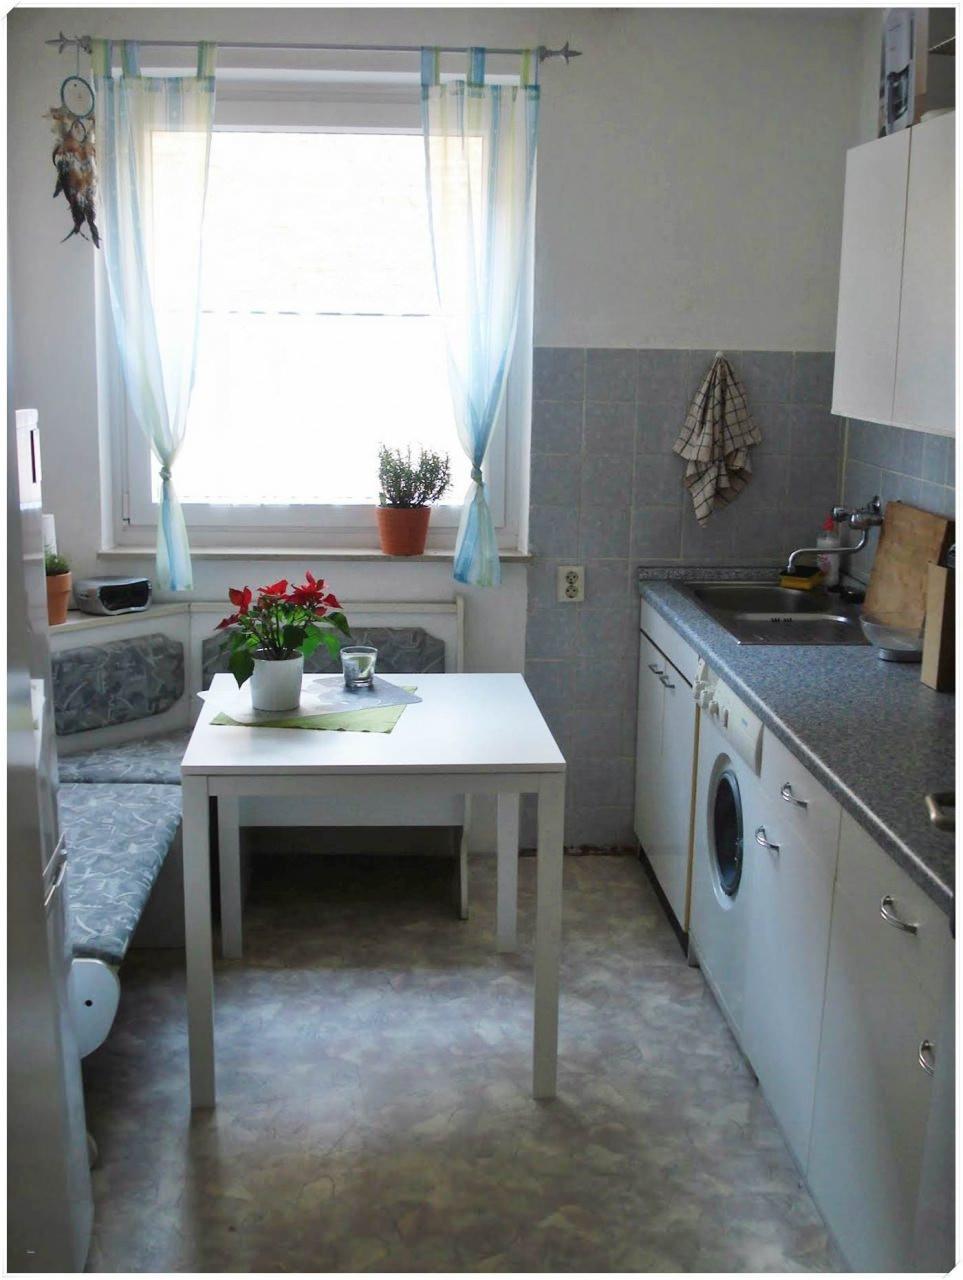 Küche Waschbecken  Waschbecken Küche Rund — Küche De Paris